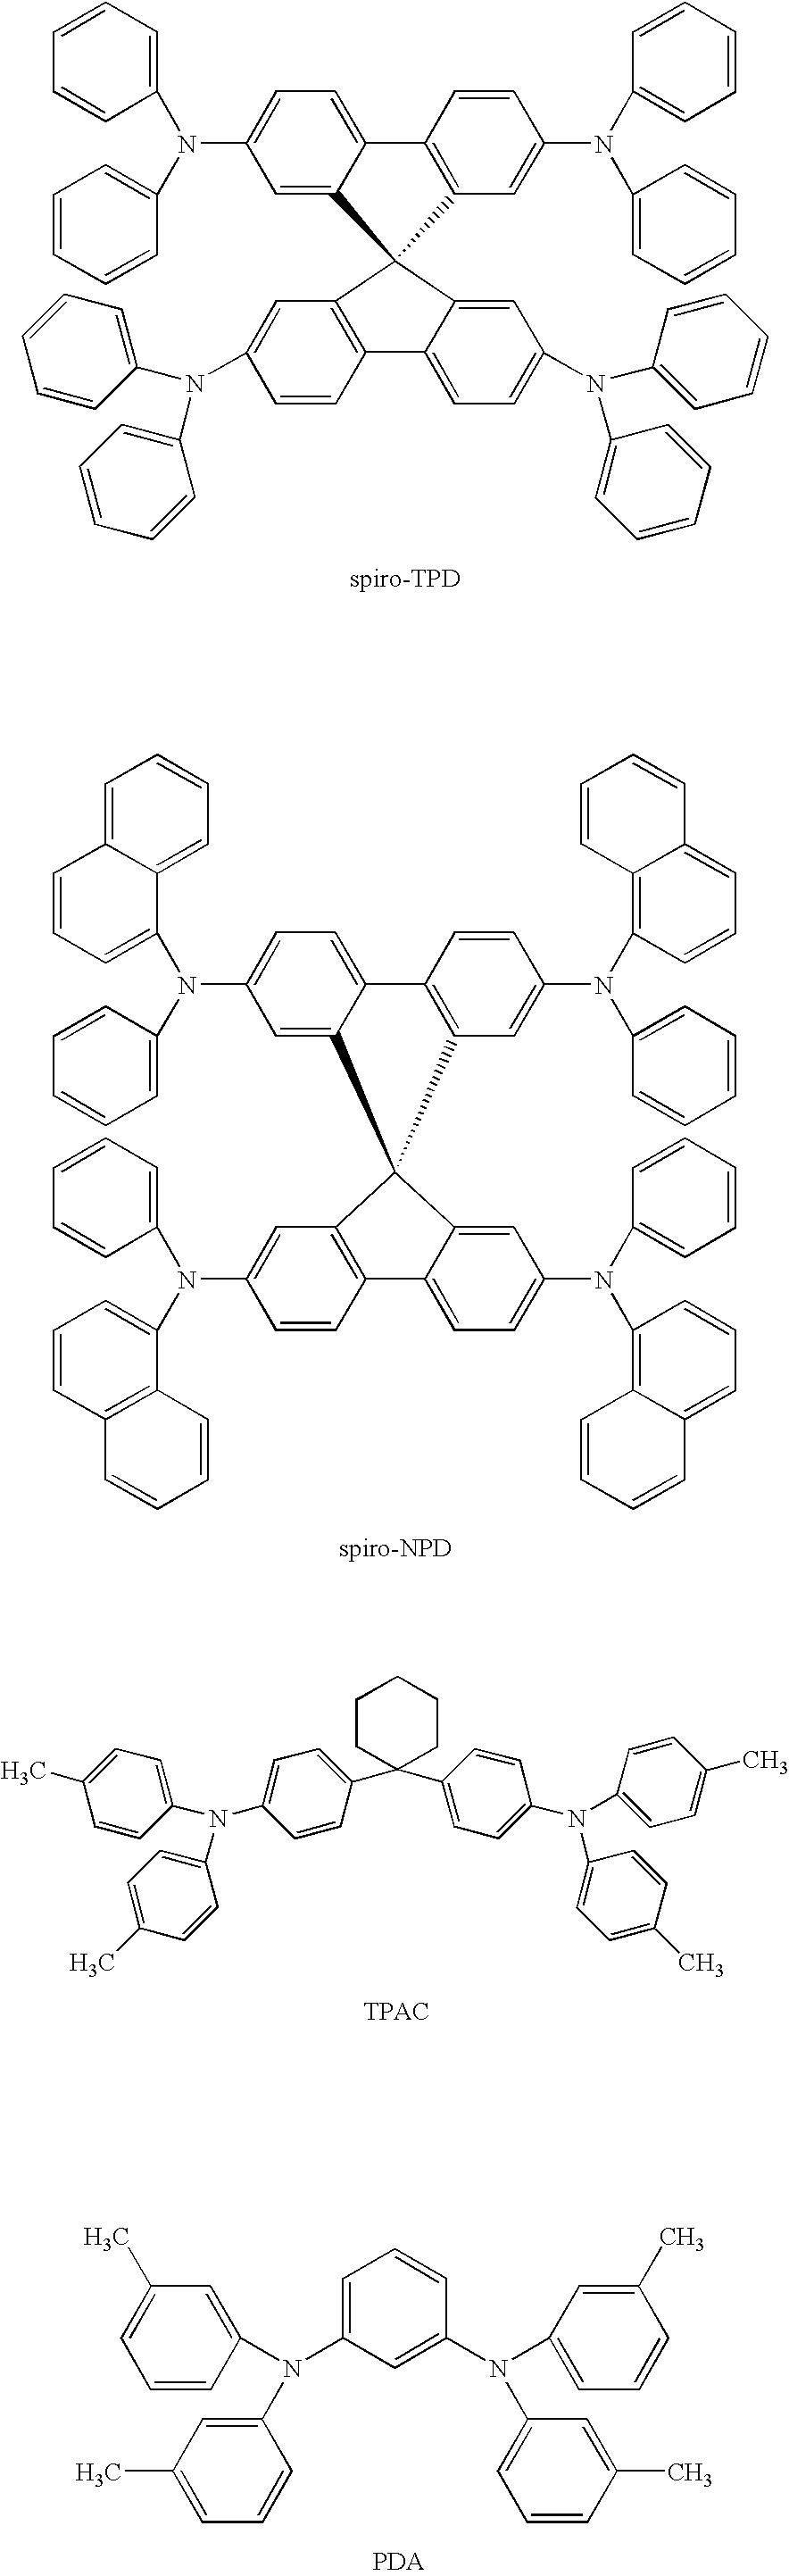 Figure US20070252141A1-20071101-C00010